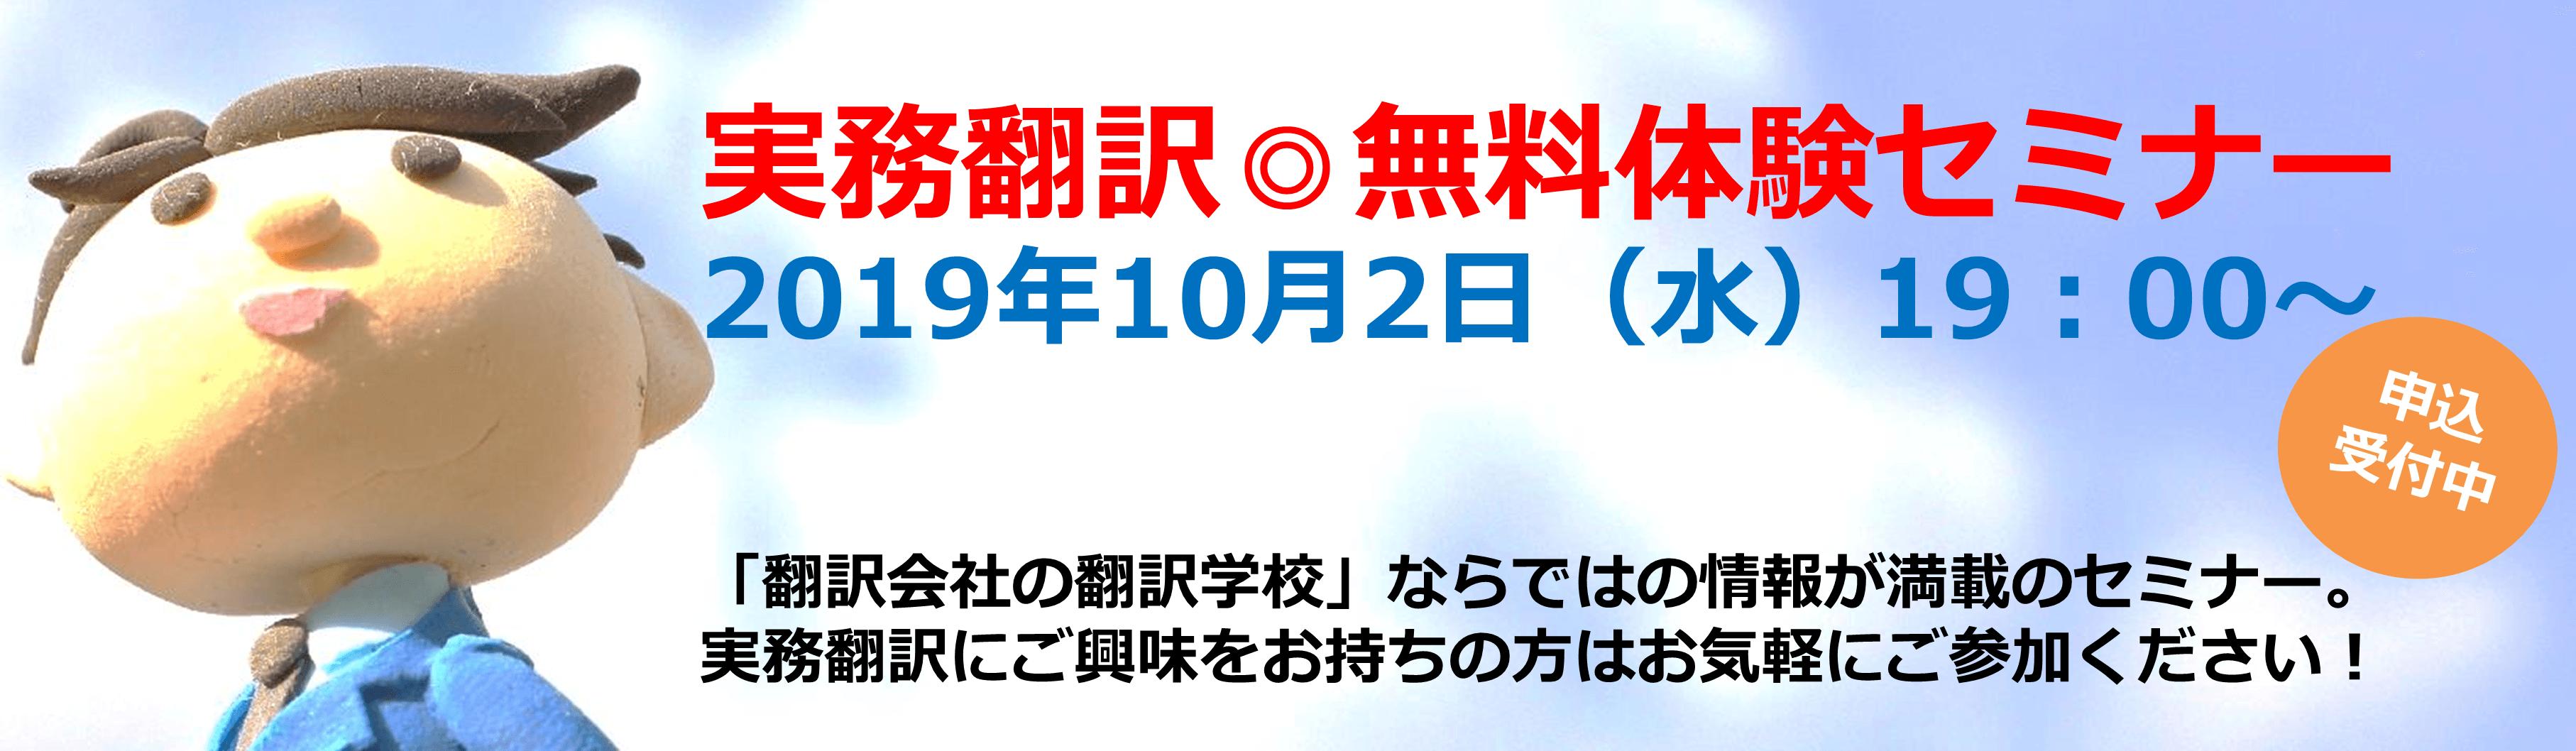 実務翻訳◎無料体験セミナー 2019年10月2日(水)開催!!